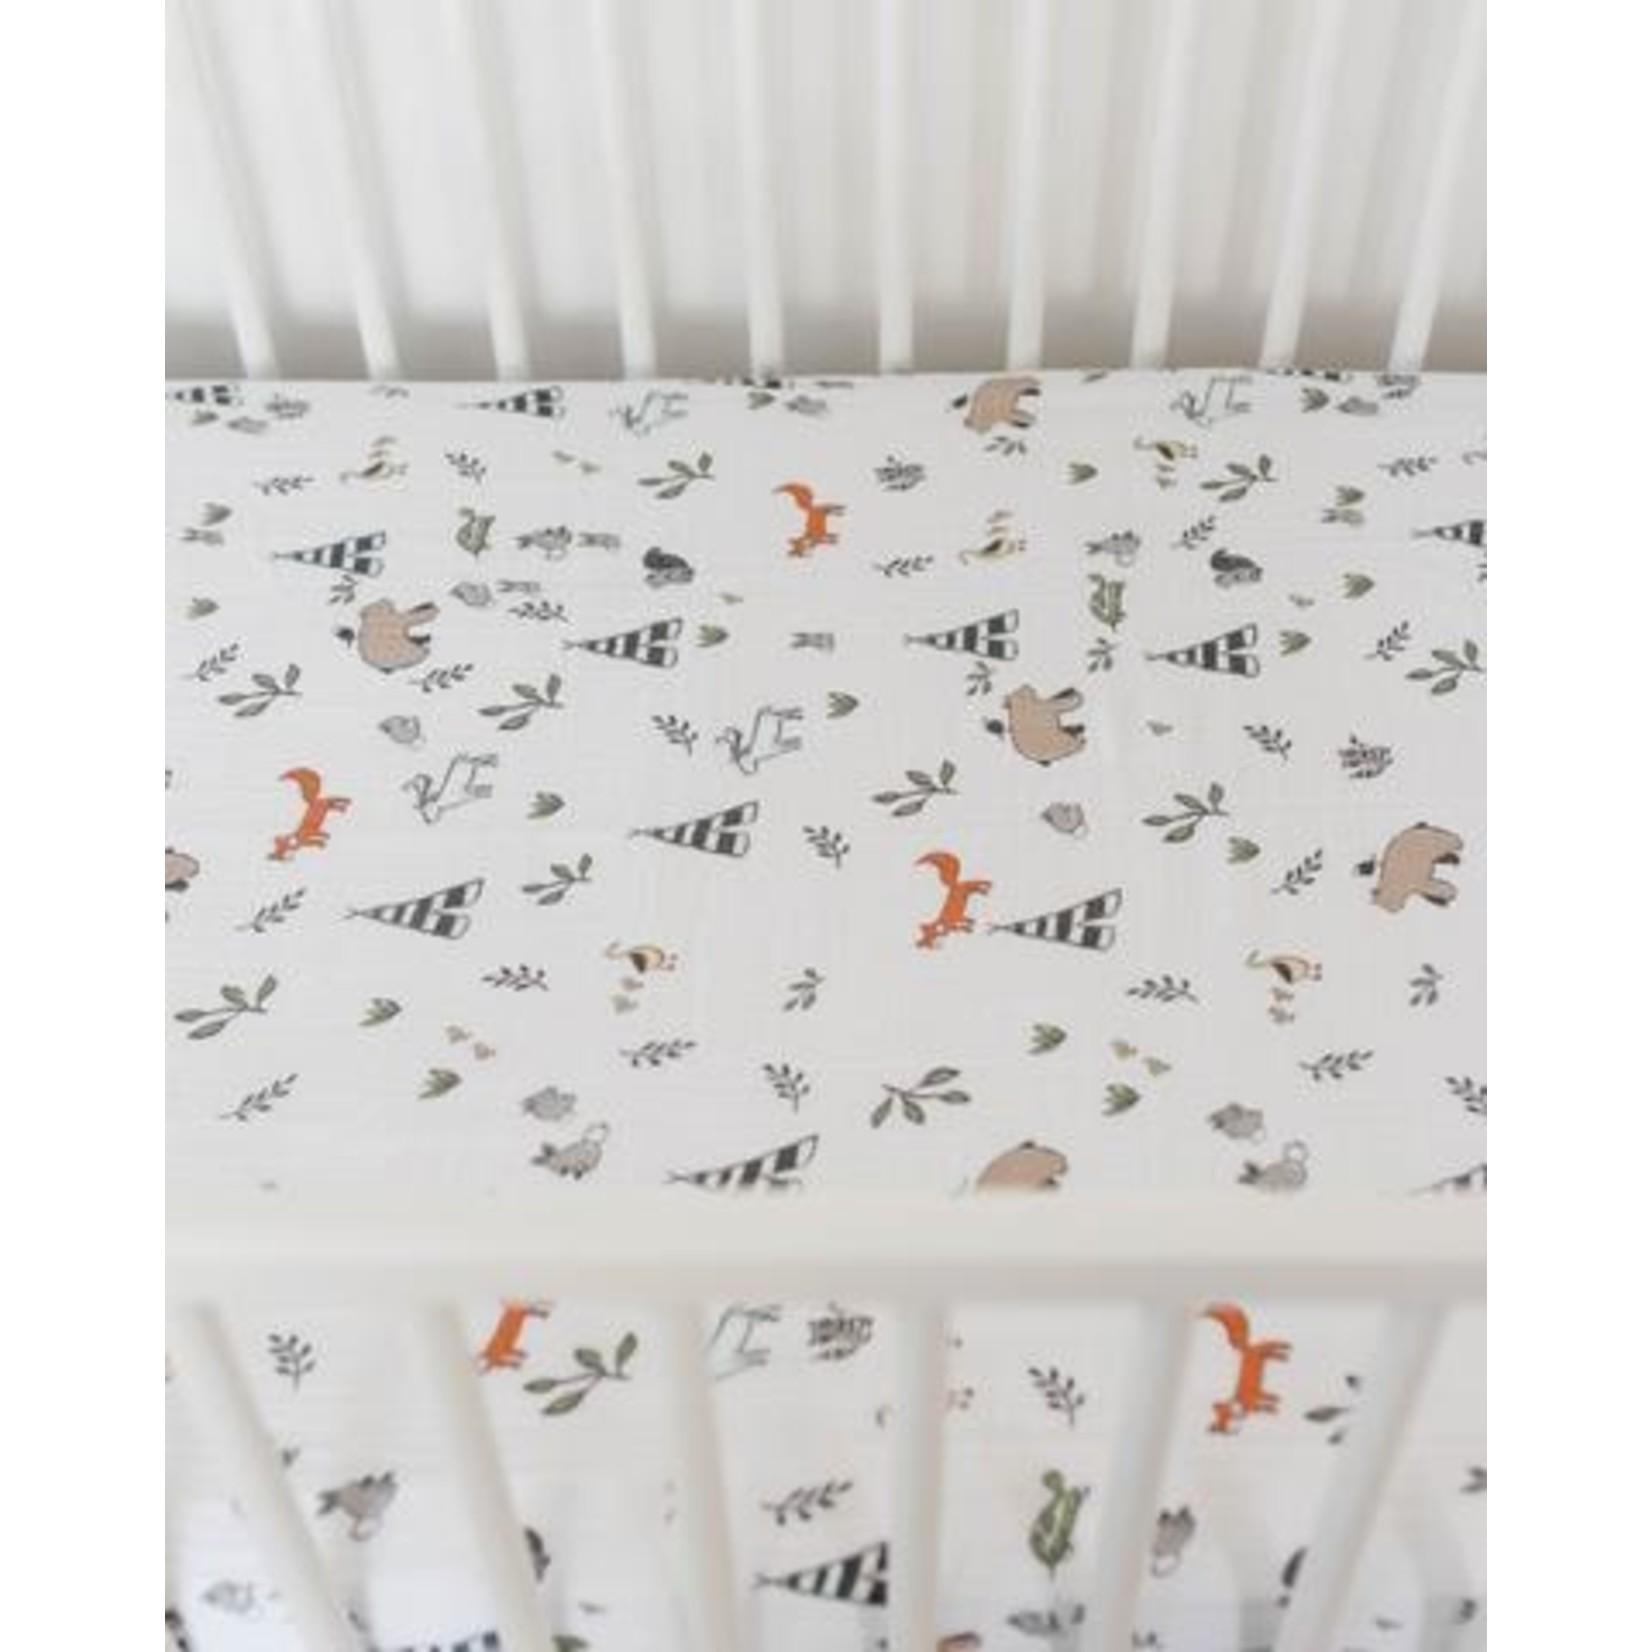 Little Unicorn Cotton Muslin Crib Sheet - Forest Friends